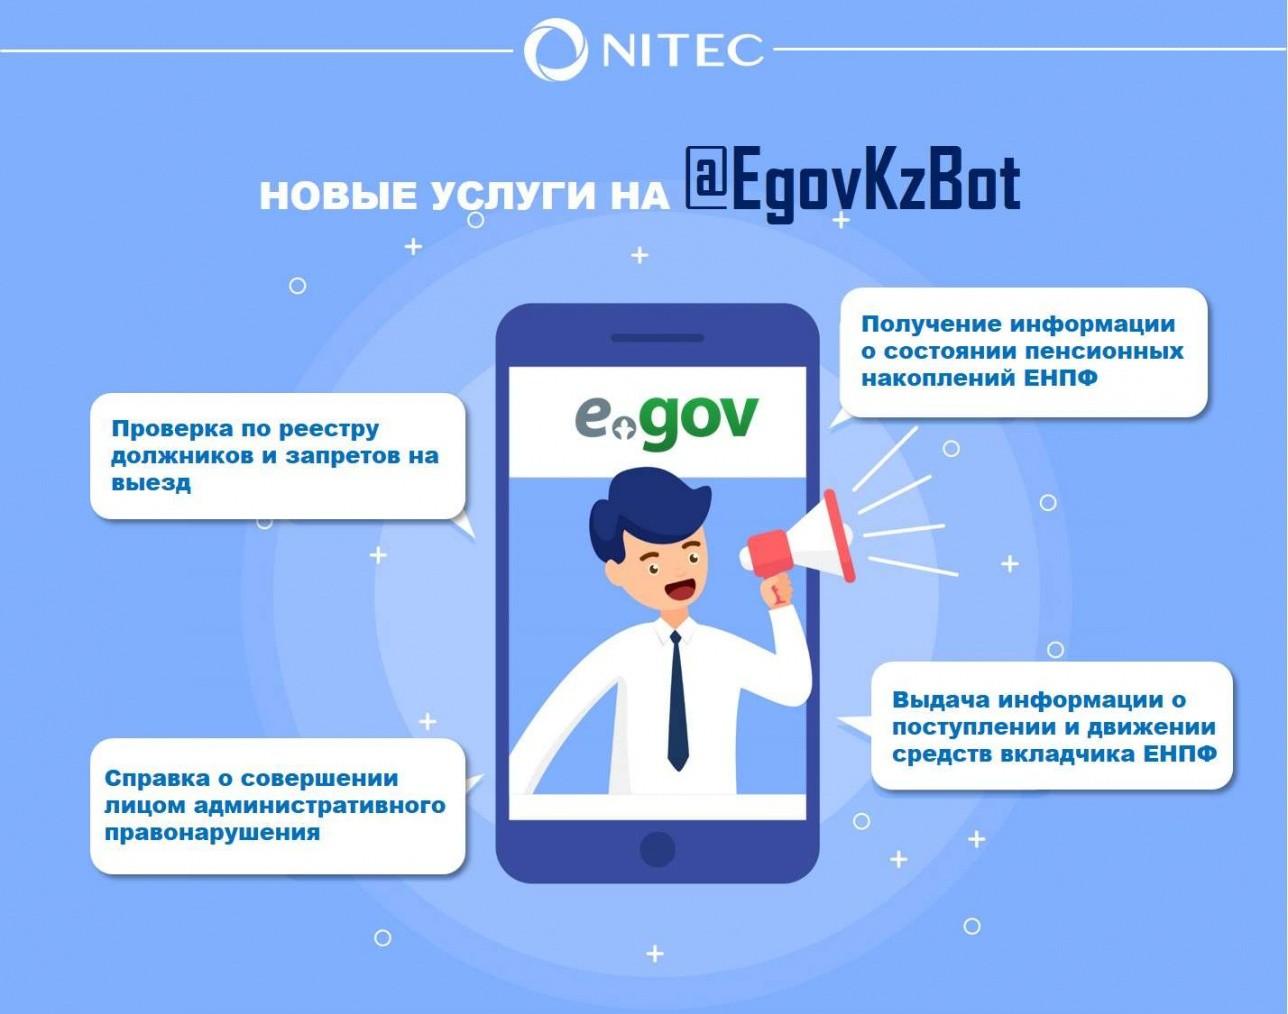 Контролировать пенсионные накопления теперь можно через Telegram